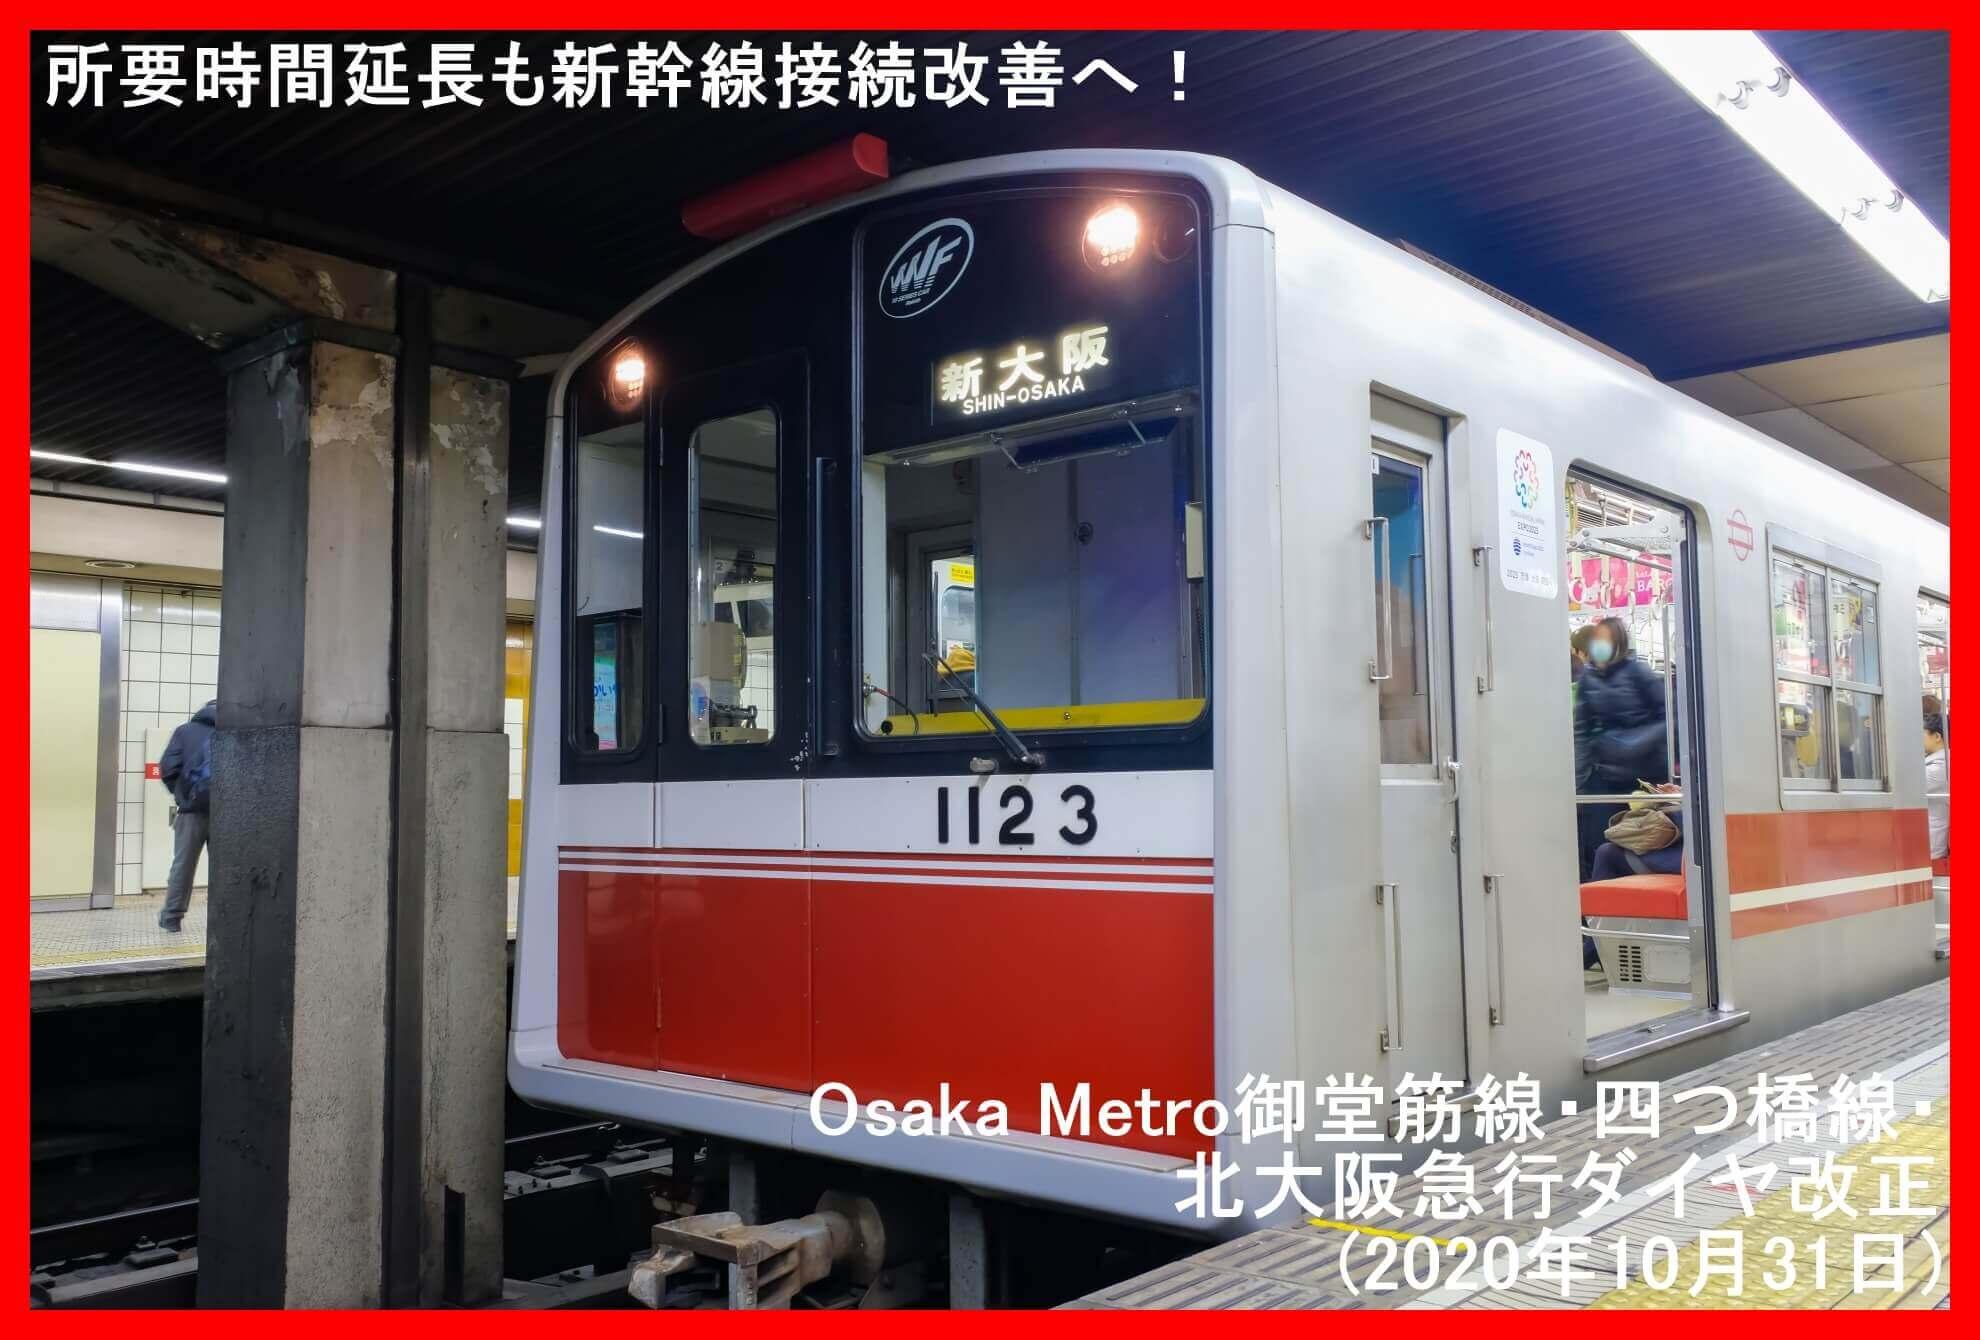 所要時間延長も新幹線接続改善へ! Osaka Metro御堂筋線・四つ橋線・北大阪急行ダイヤ改正(2020年10月31日)